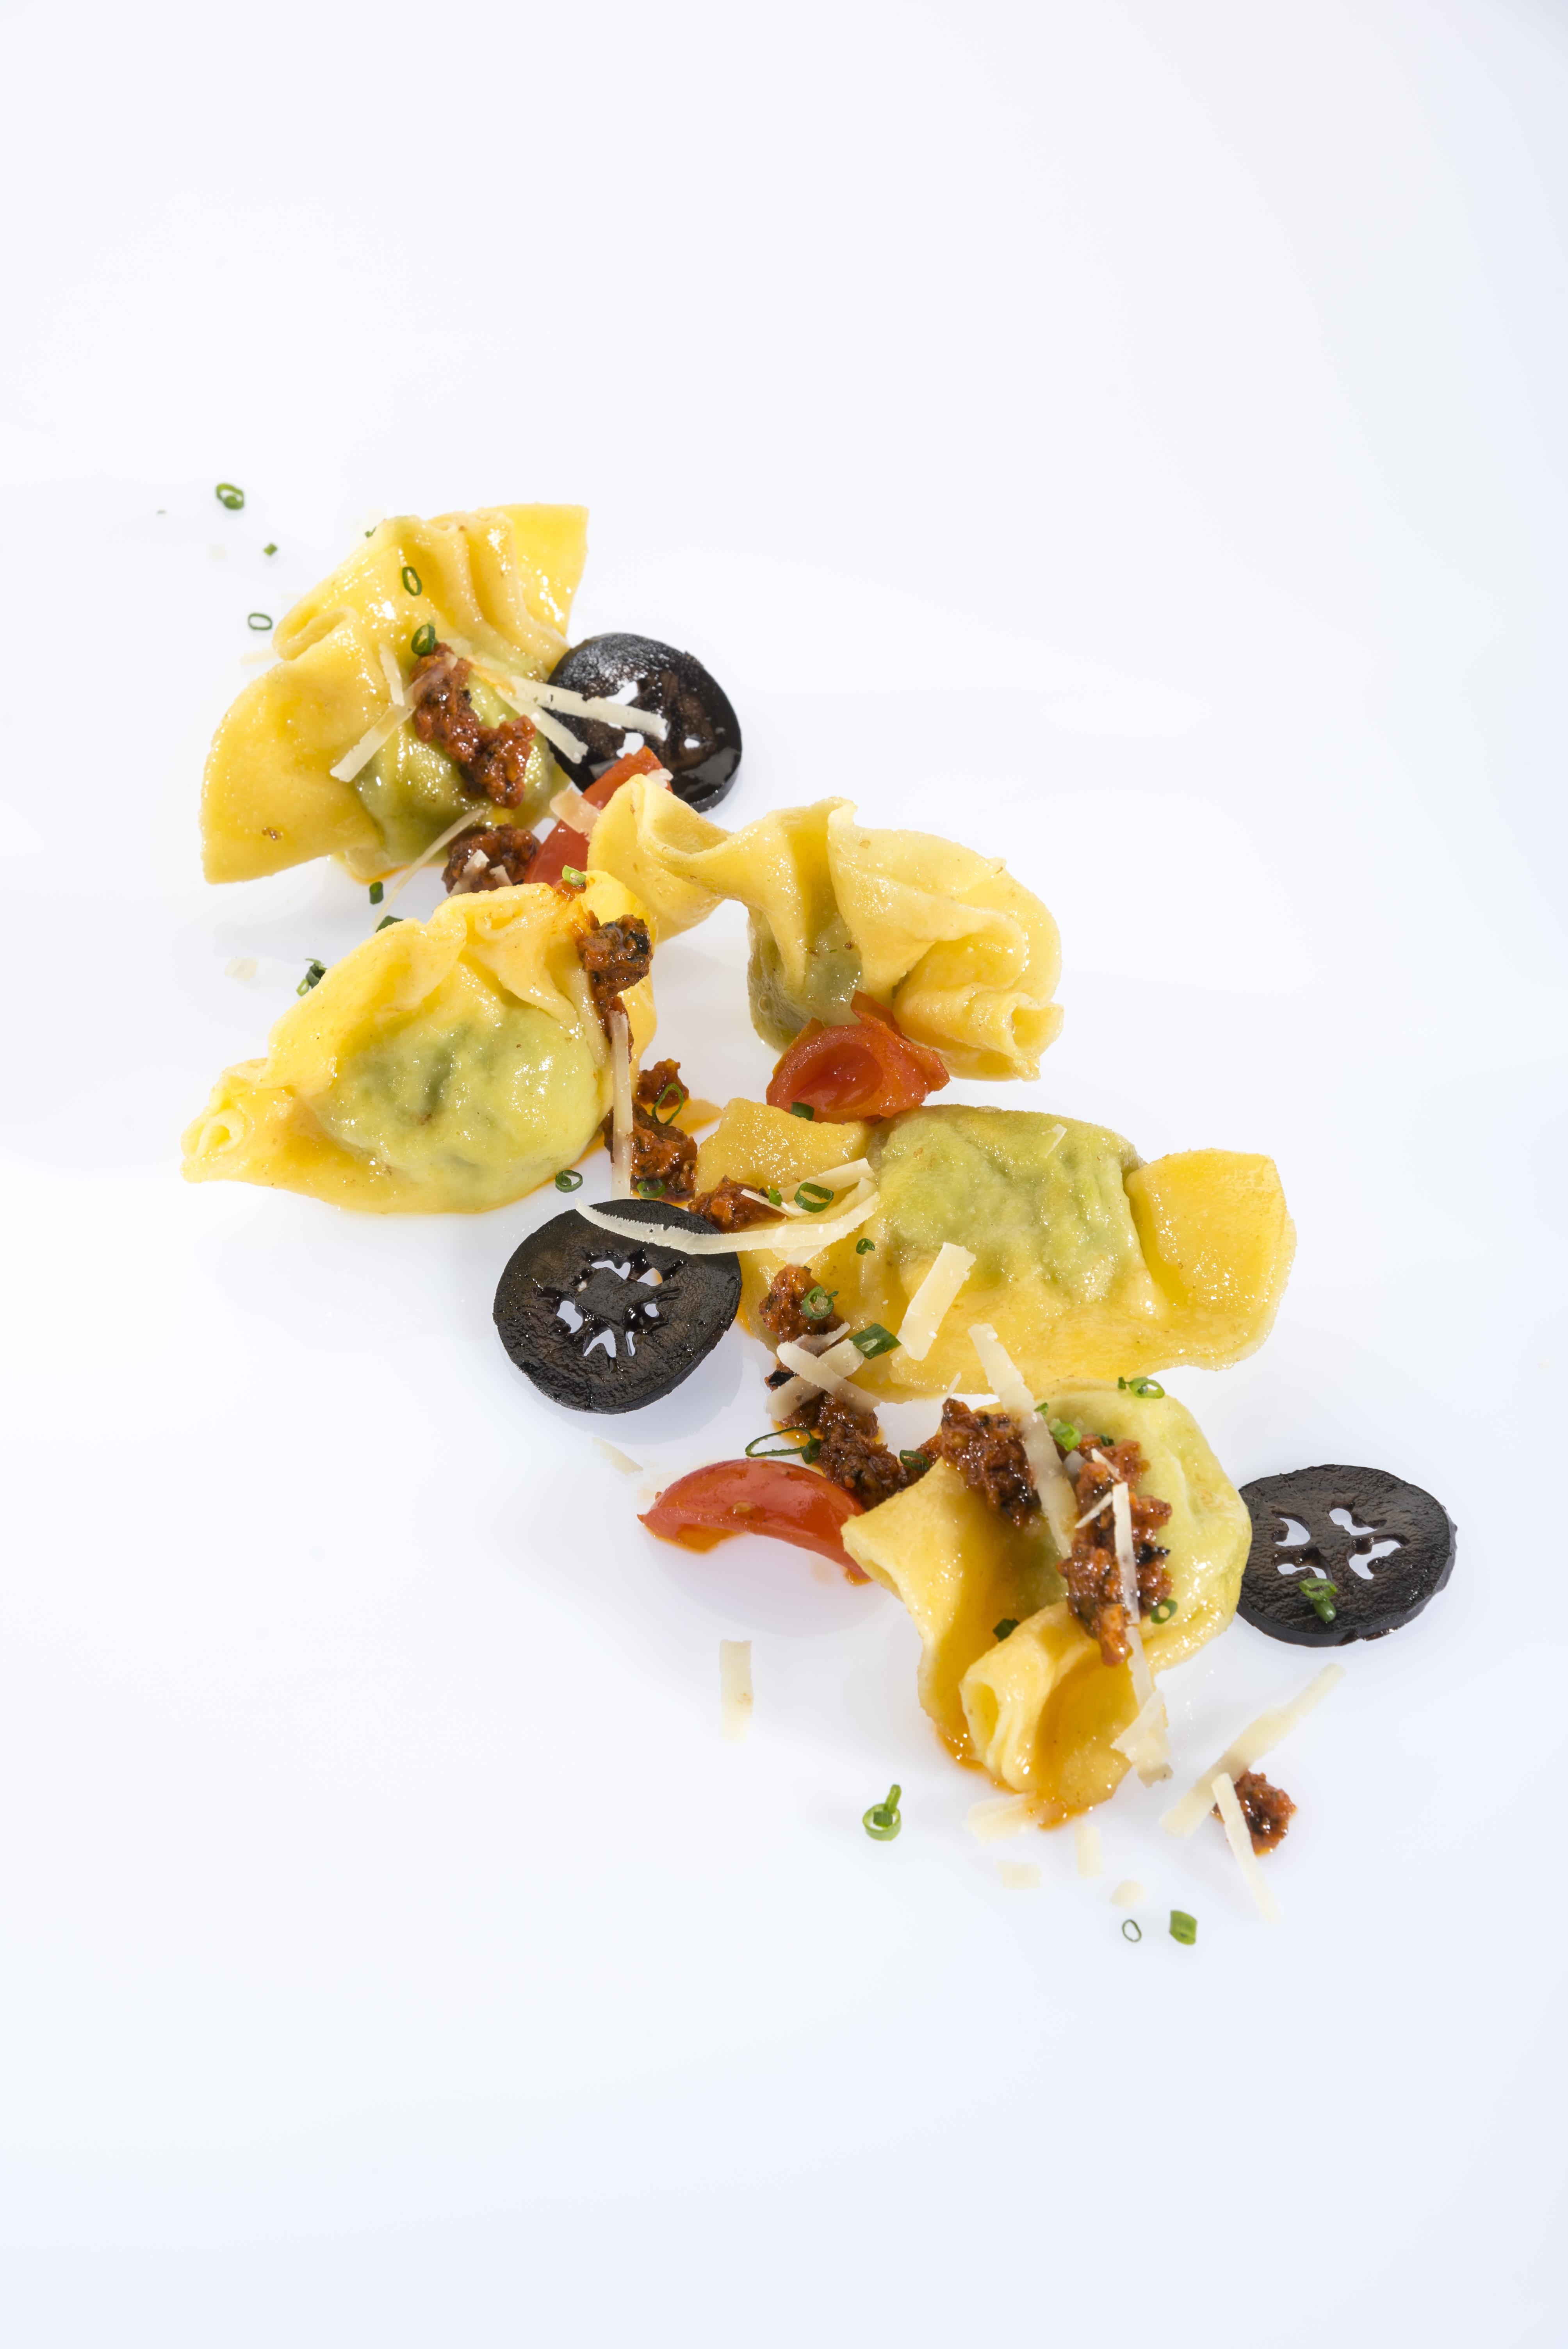 Ravioli gefüllt mit schwarzer Nuss garniert